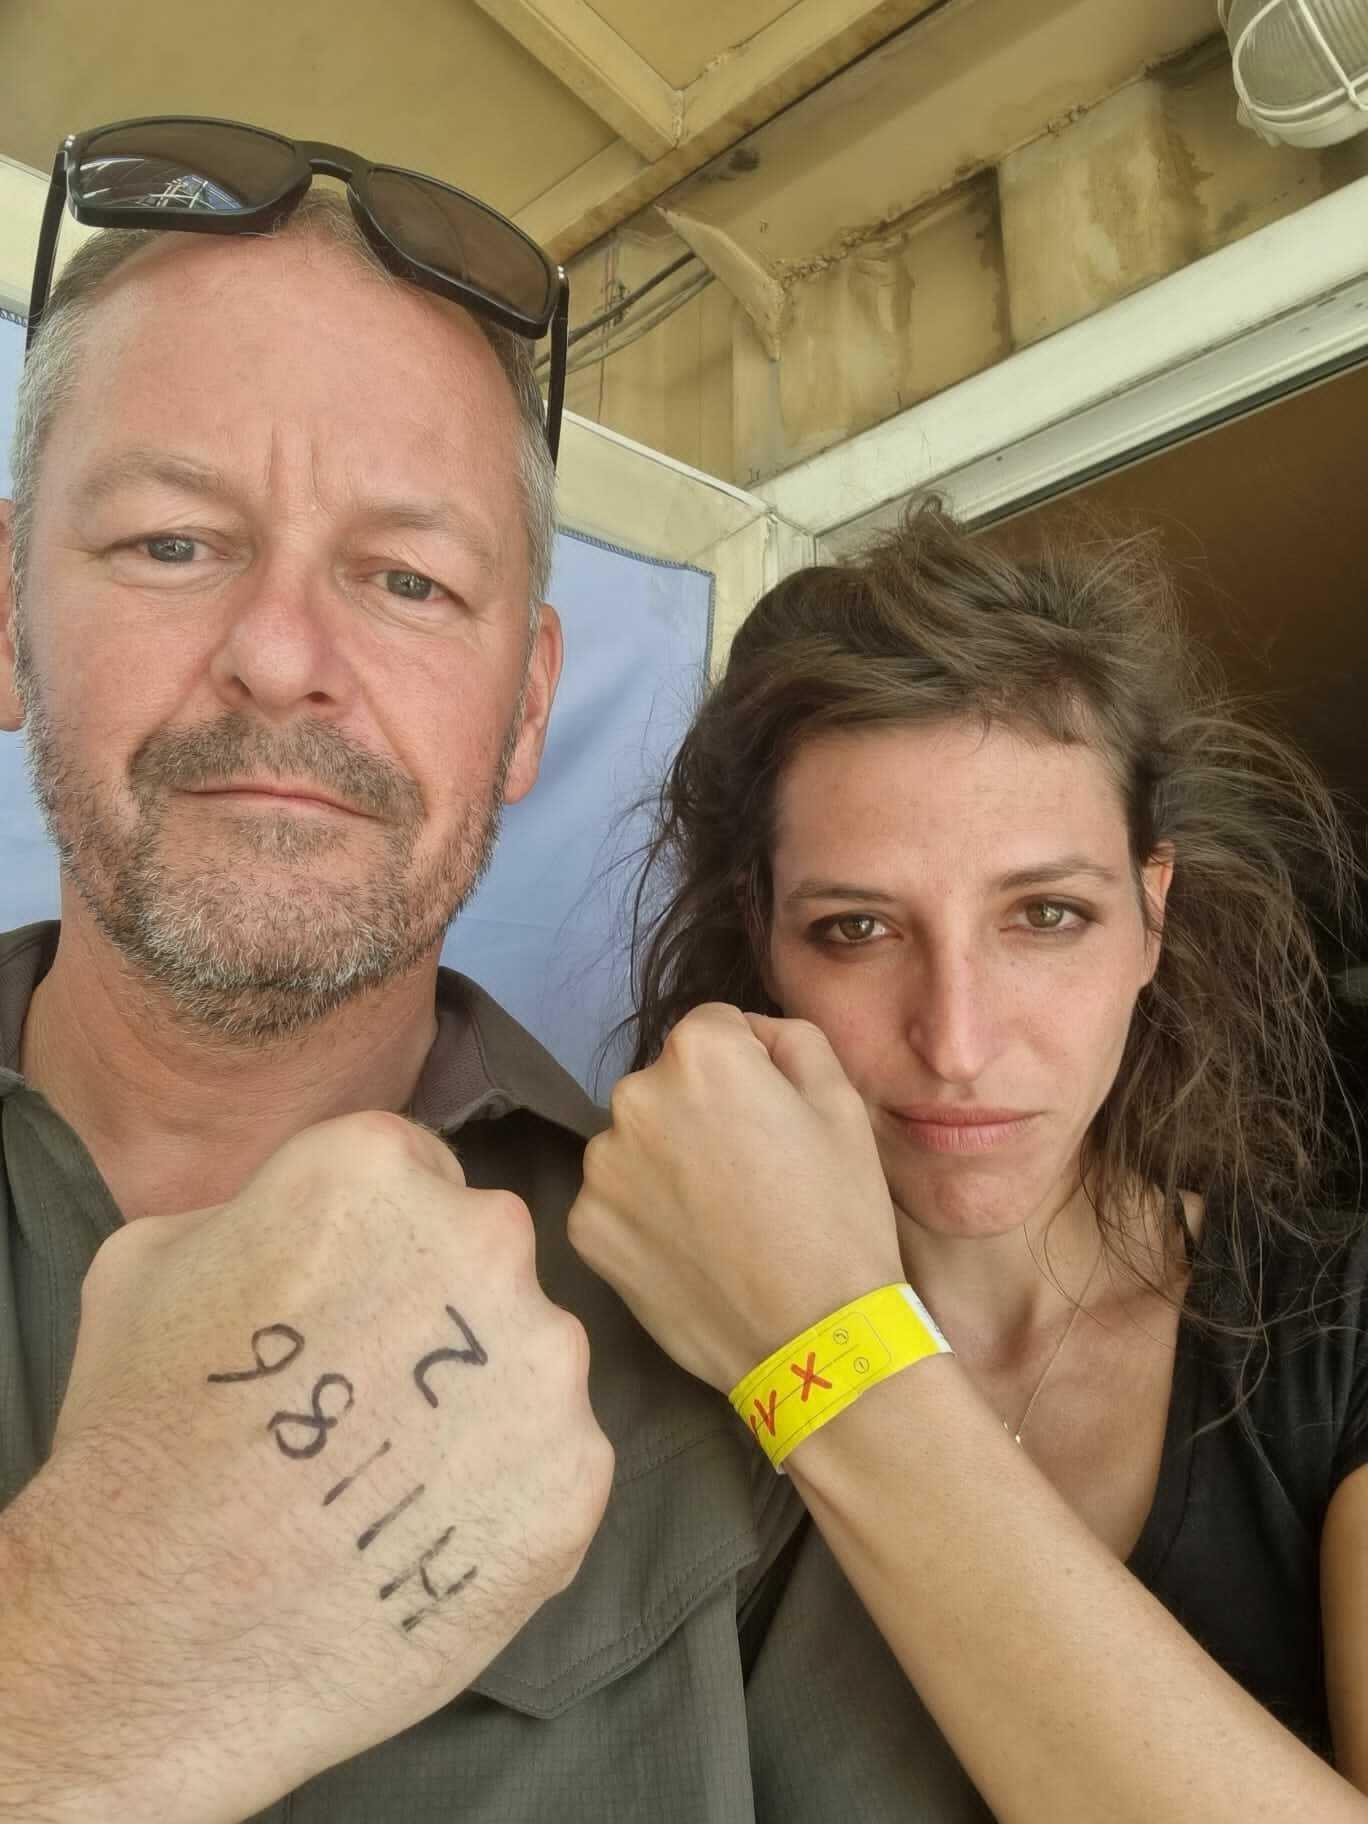 Rob Grey und Theresa Breuer halten beide ihre Handgelenke hoch. Grey hat das britische Evakuierungskennzeichen auf dem Handrücken stehen, Breuer das deutsche auf einem gelben Armband.